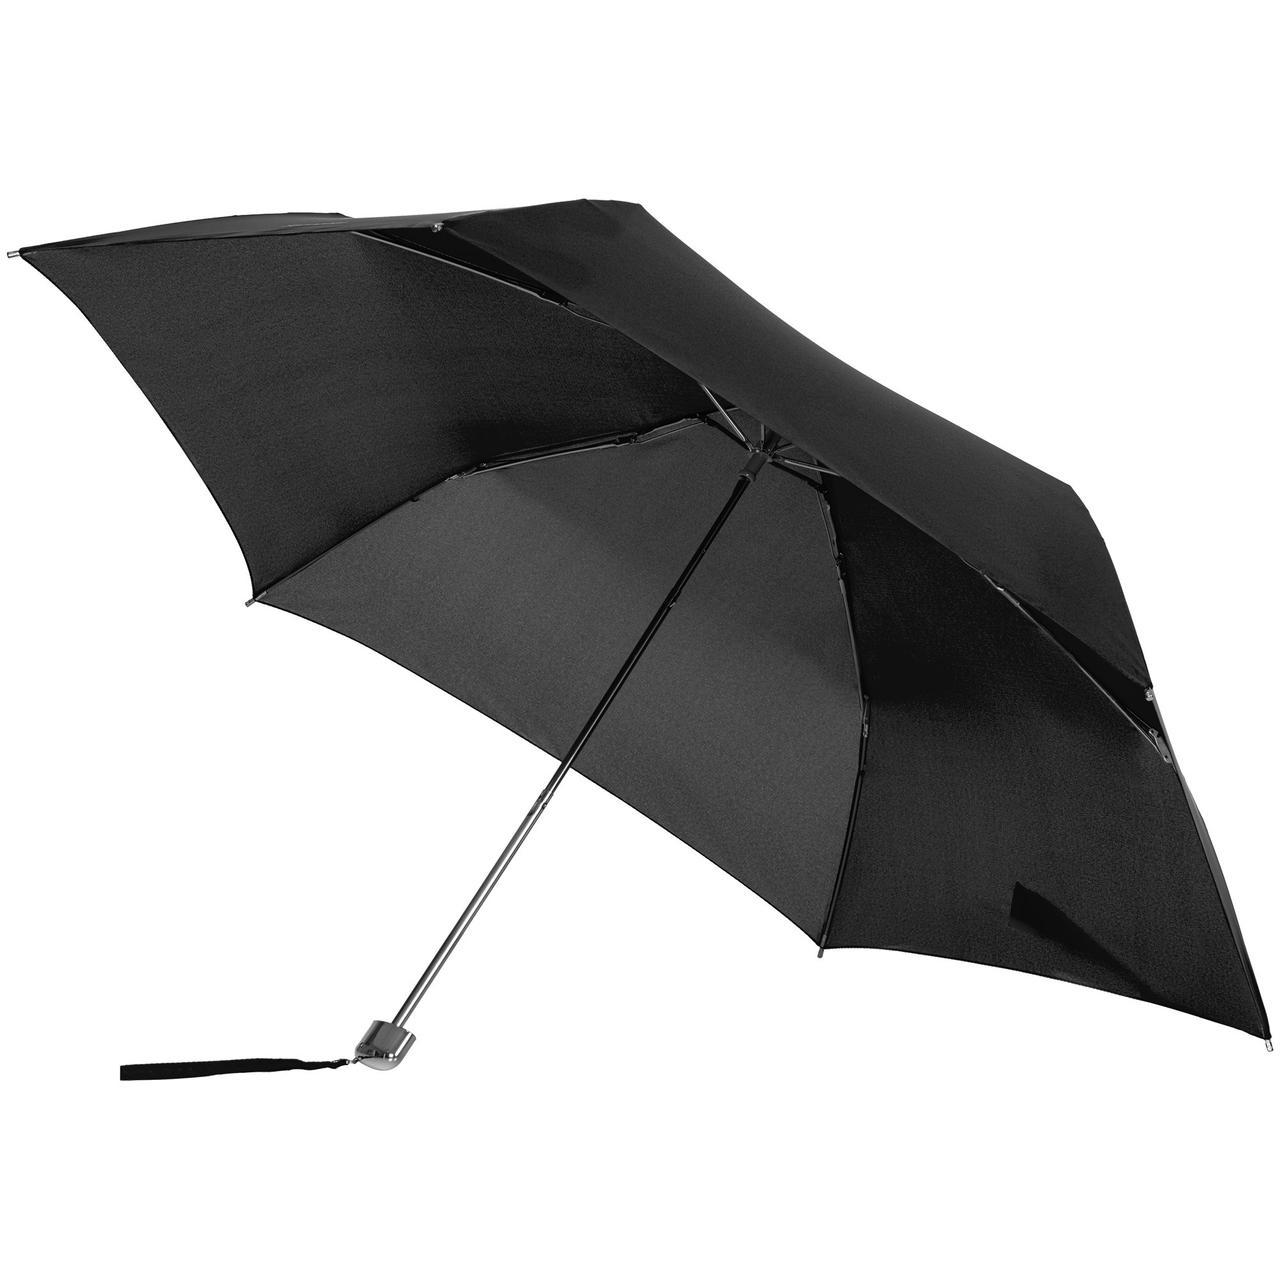 Зонт складной Karissa Ultra Mini, механический, черный